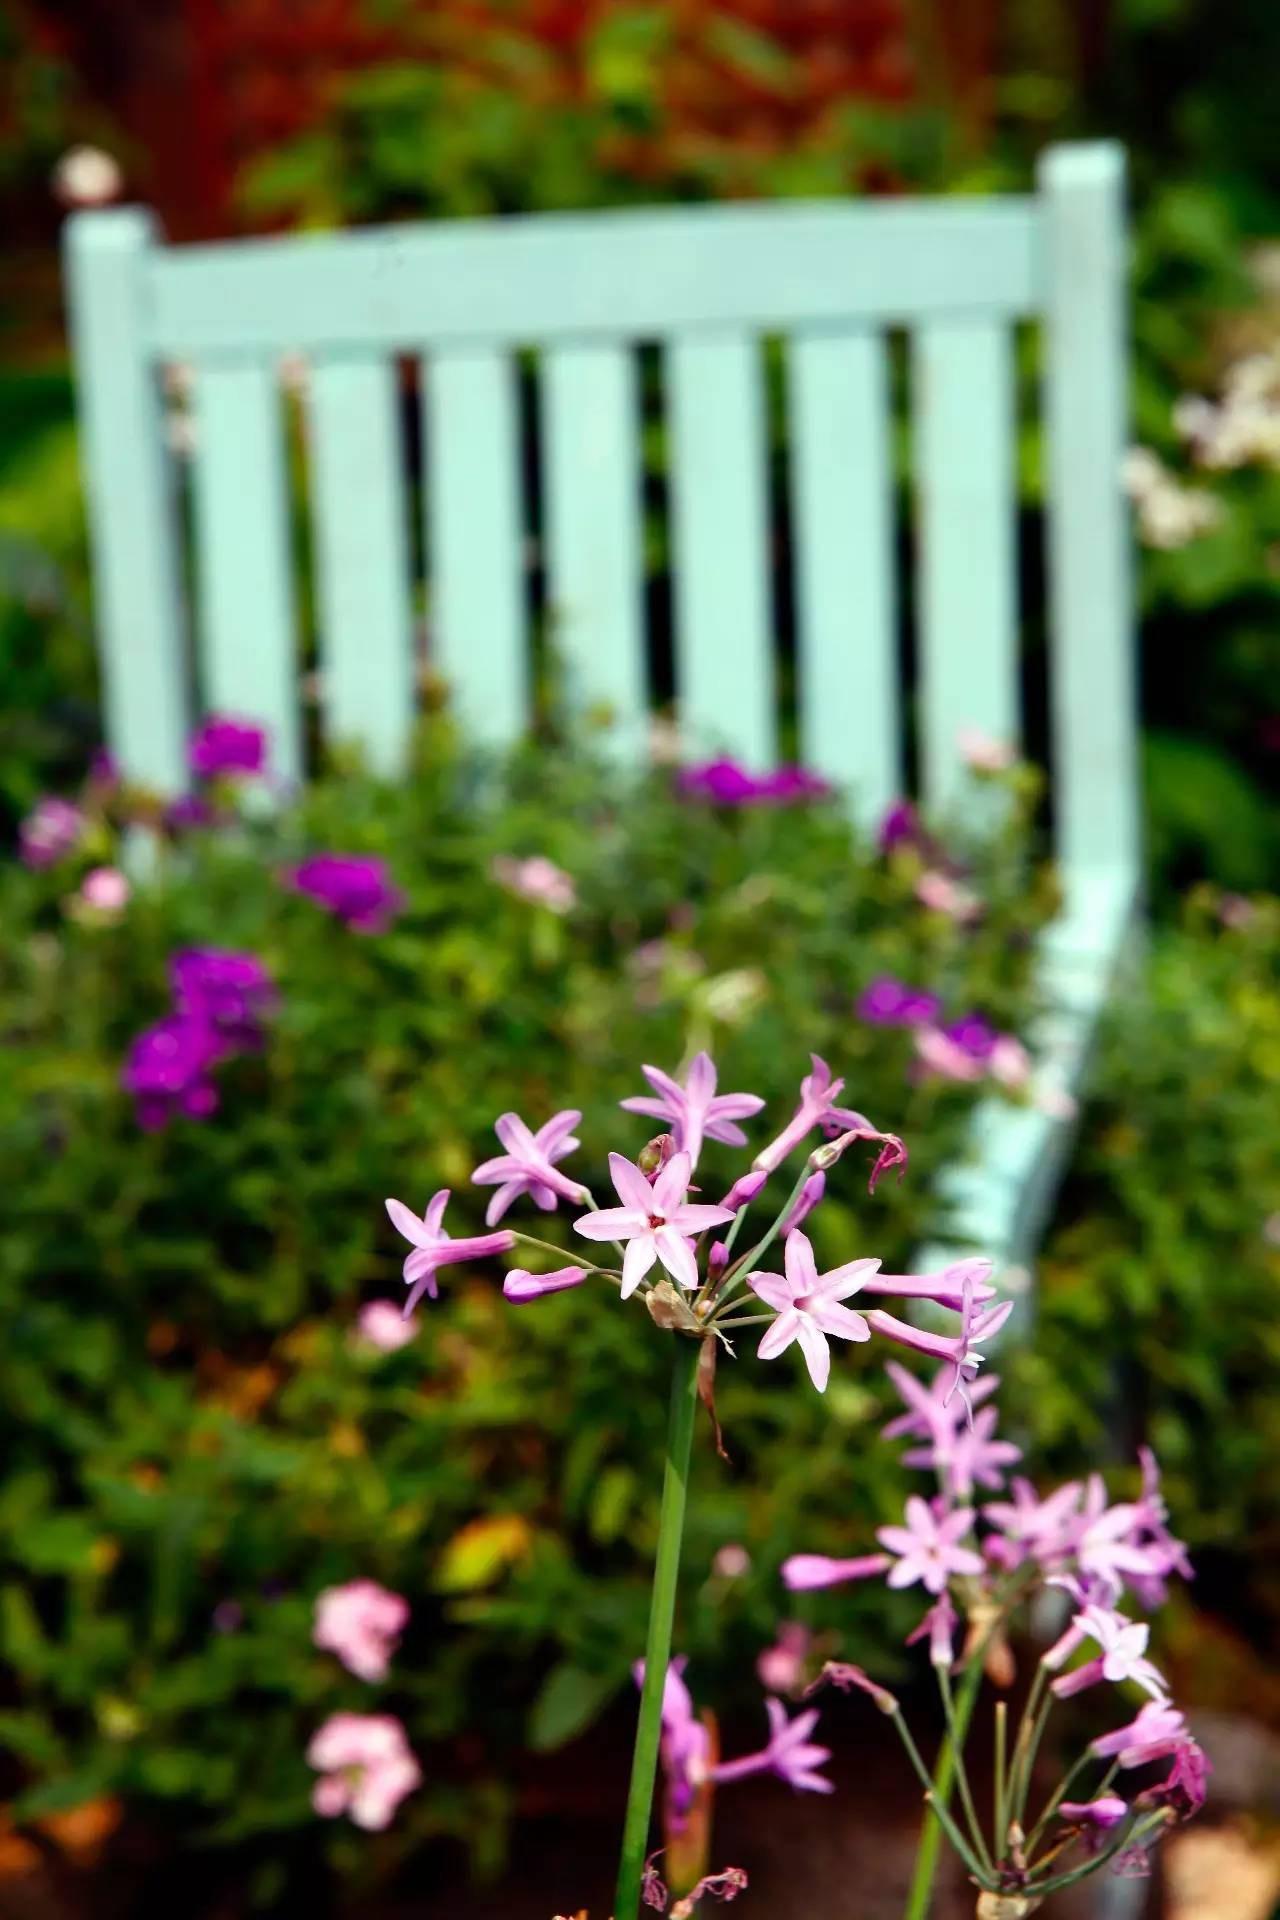 Khu vườn bình yên như xứ sở thần tiên ngập tràn hoa lá do cô gái tận tụy bỏ cả thanh xuân để chăm bón suốt 10 năm - Ảnh 15.